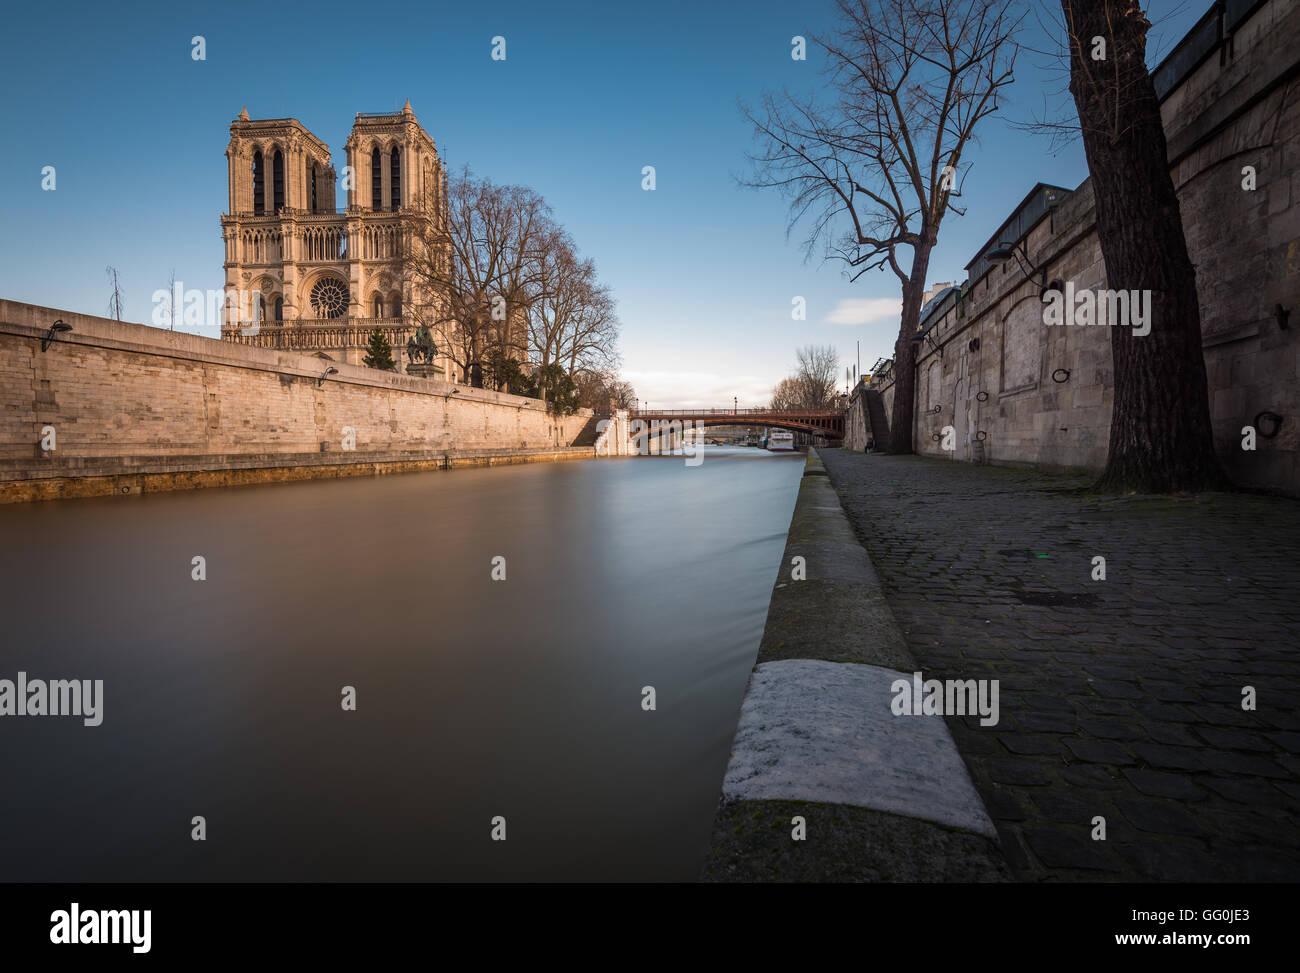 Cathédrale Notre-Dame de Paris, Notre Dame de Paris, Paris, France - Stock Image